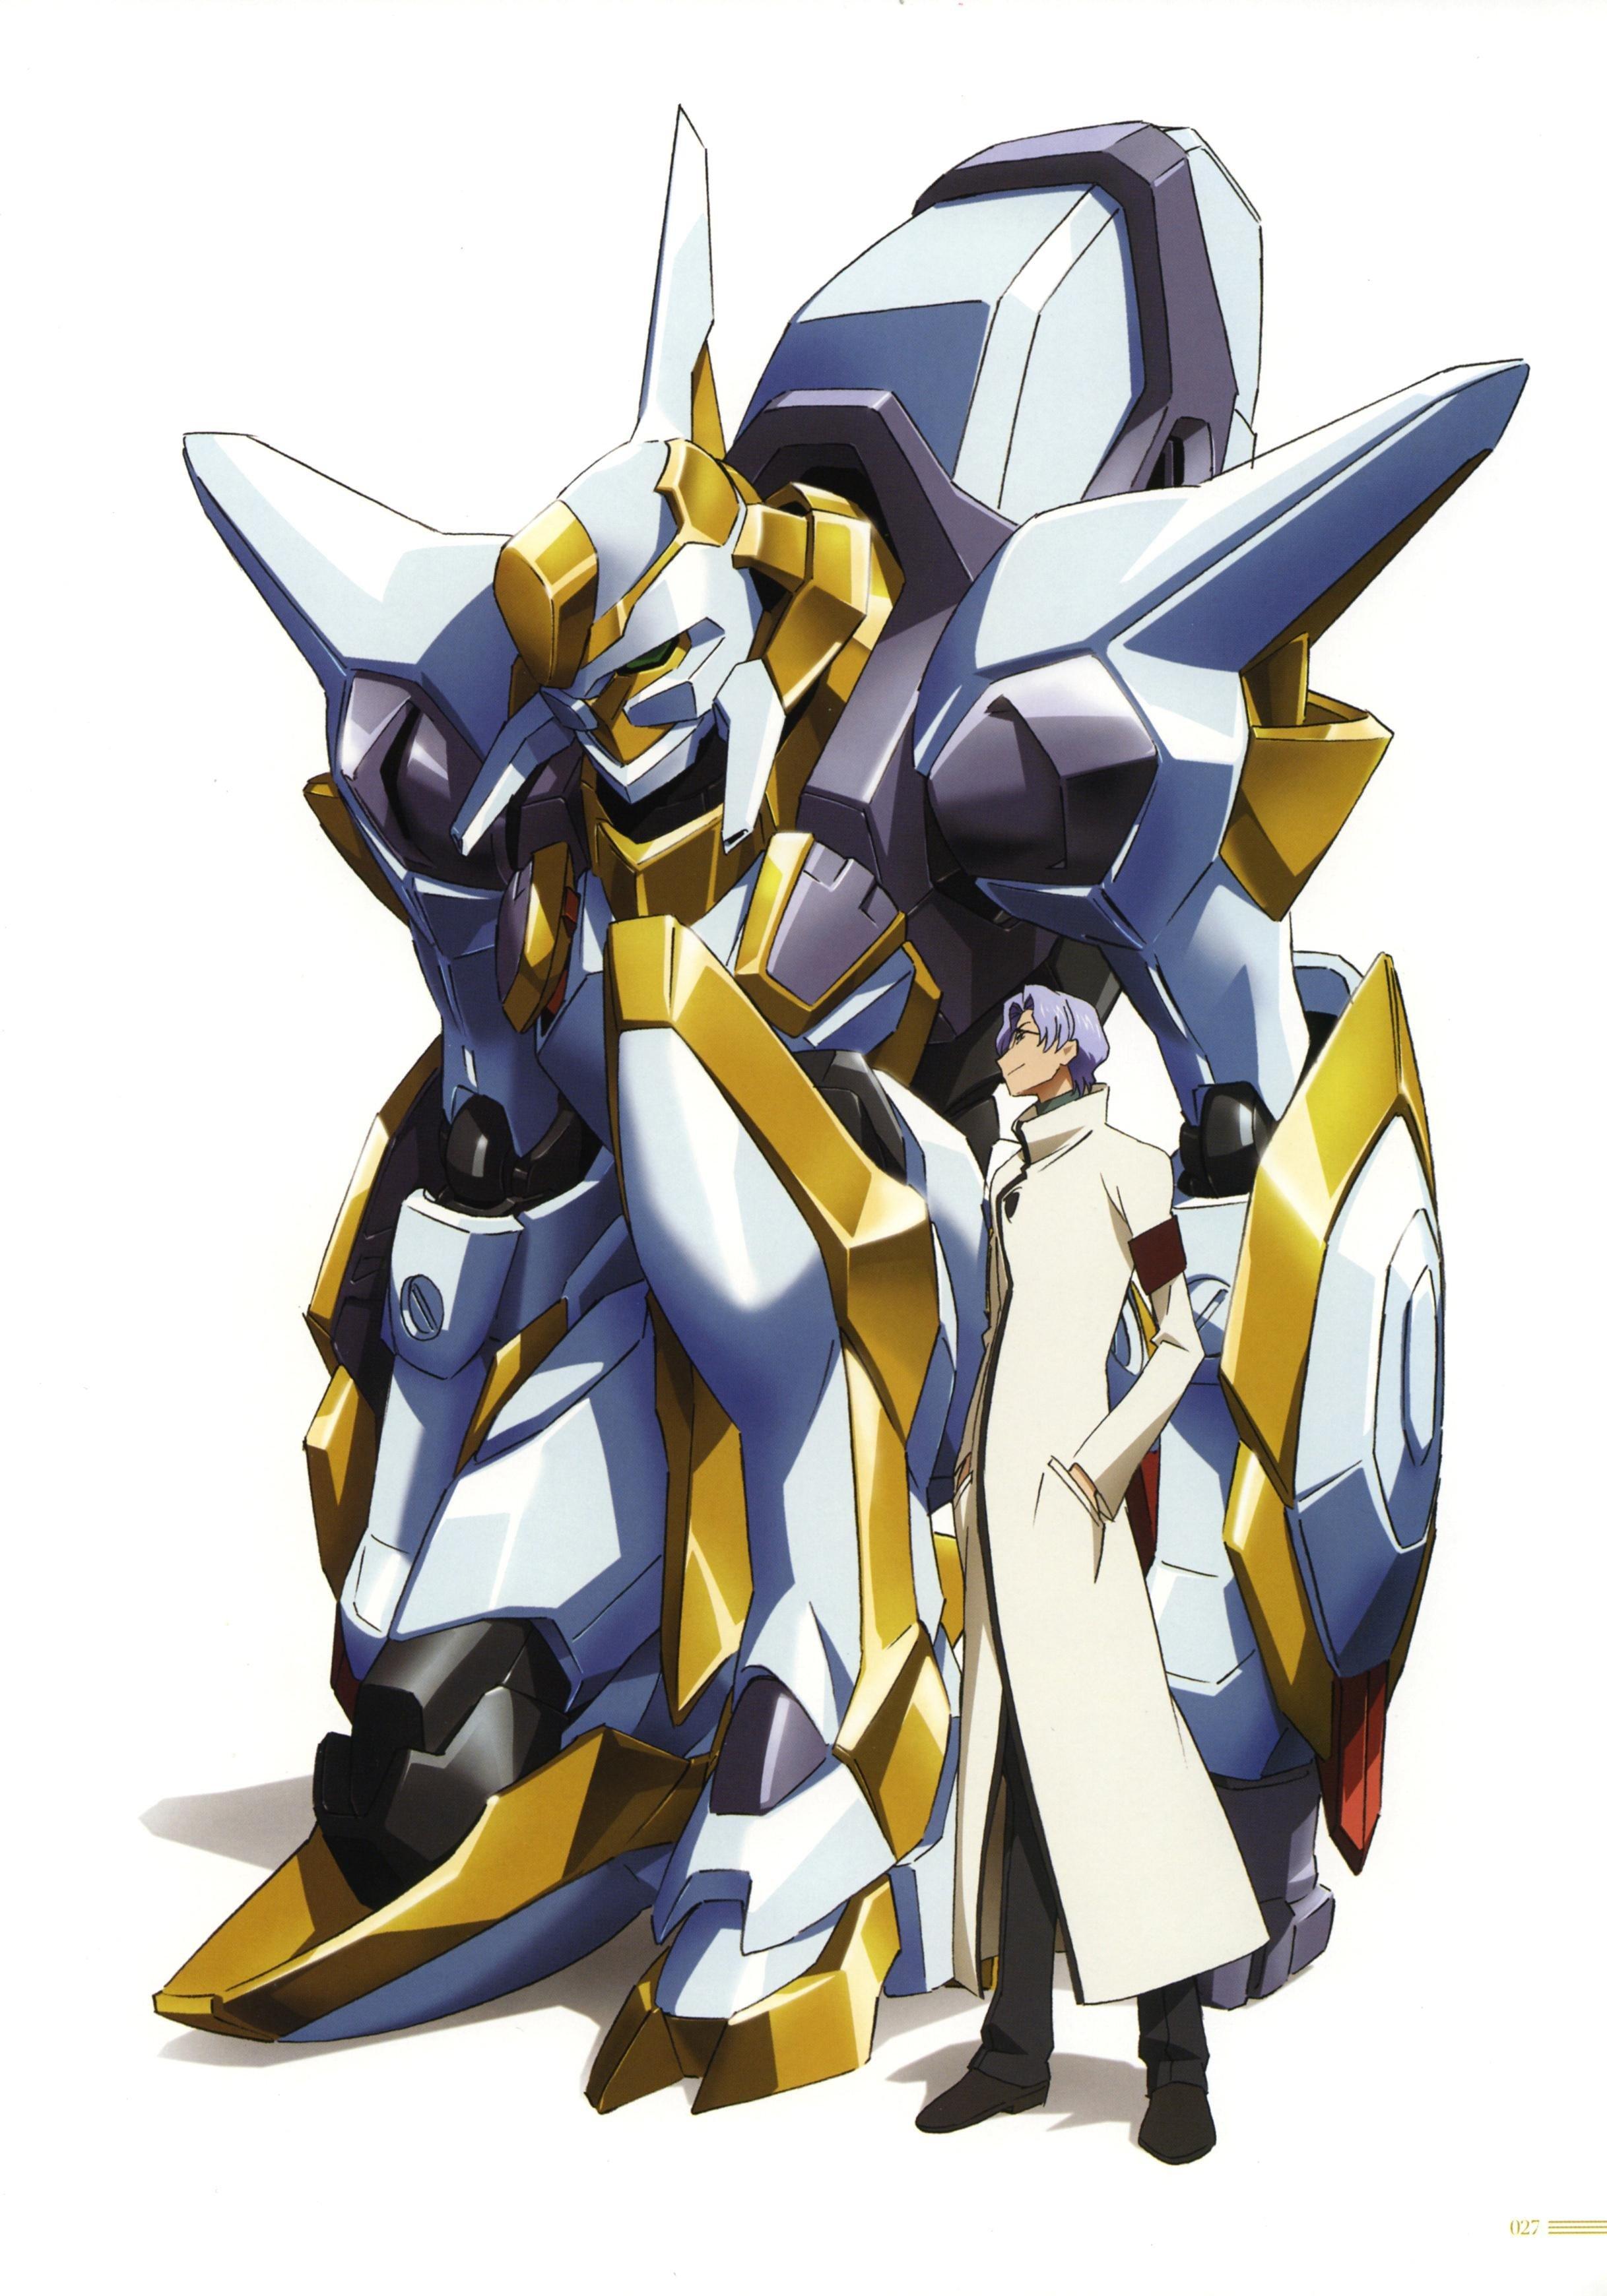 Voltes V Wallpaper Hd Robots Code Geass Artwork Anime Lancelot Wallpaper